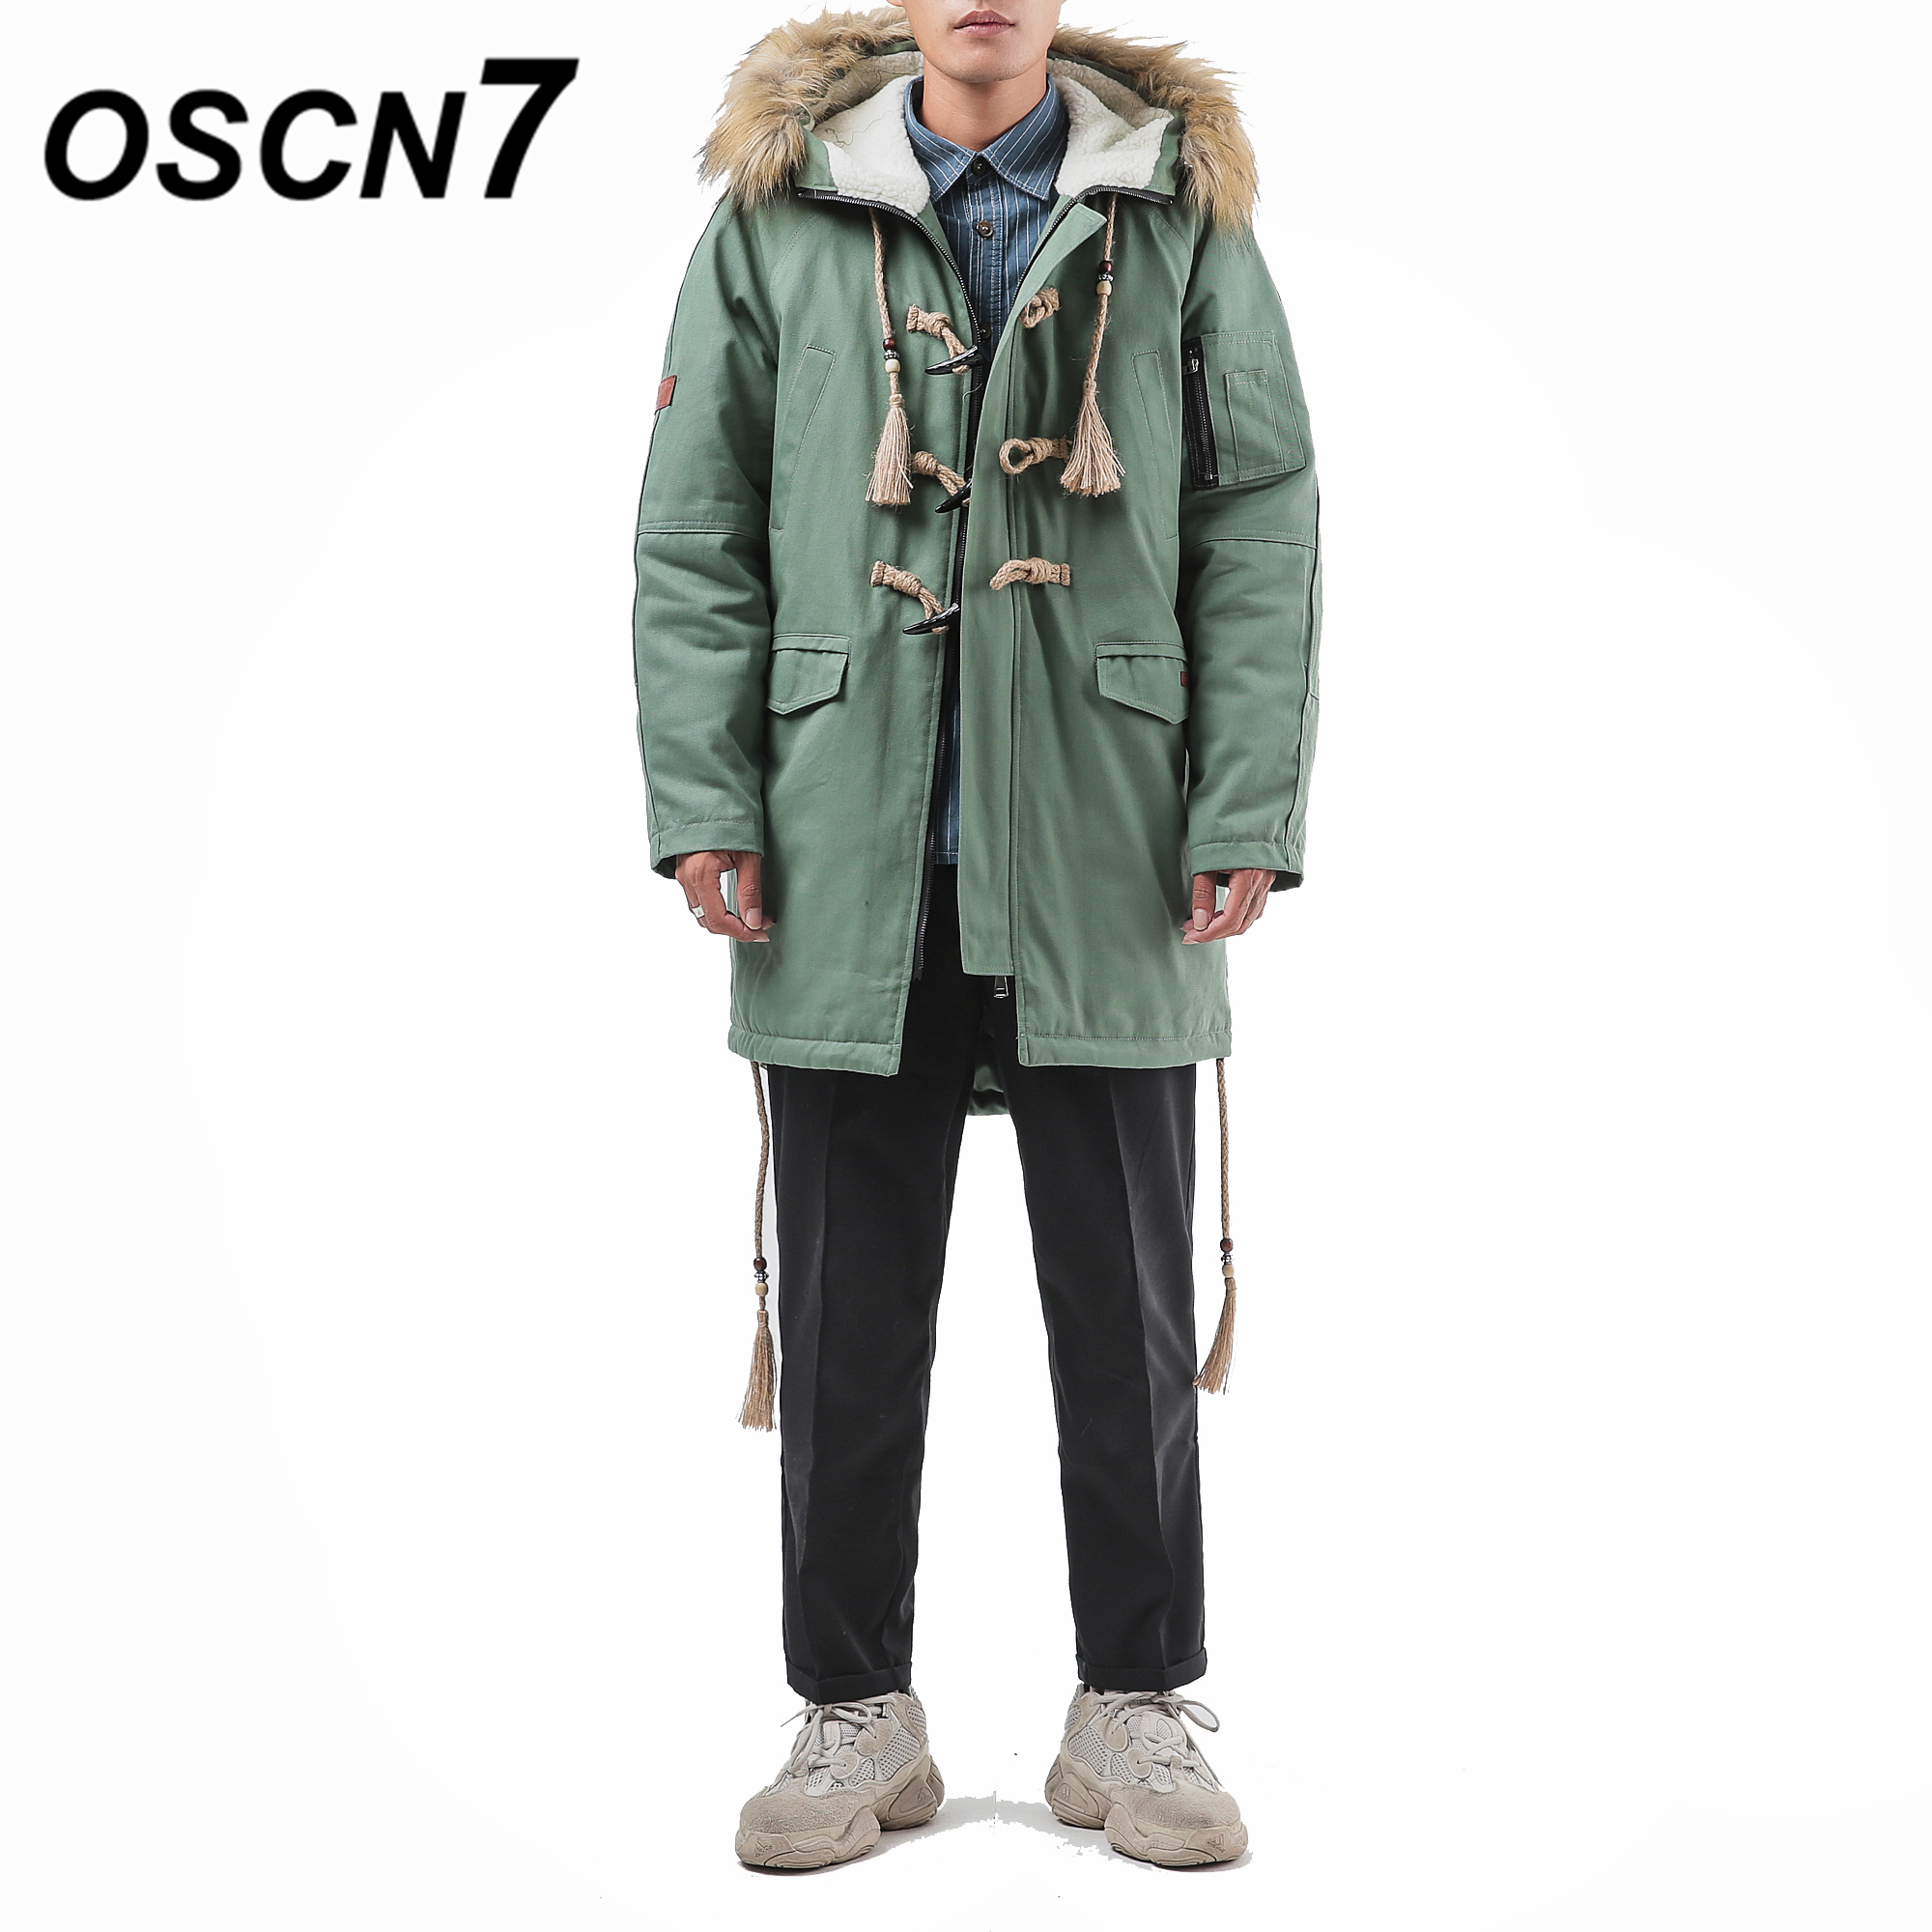 Il Degli M709 Abbigliamento verde Con Di Cappuccio Parka Del Artiglio Giacca  Vento Pulsante Uomo Imbottito Casual Oscn7 A Addensare Caldo Inverno Uomini  ... 19a1a676c3f